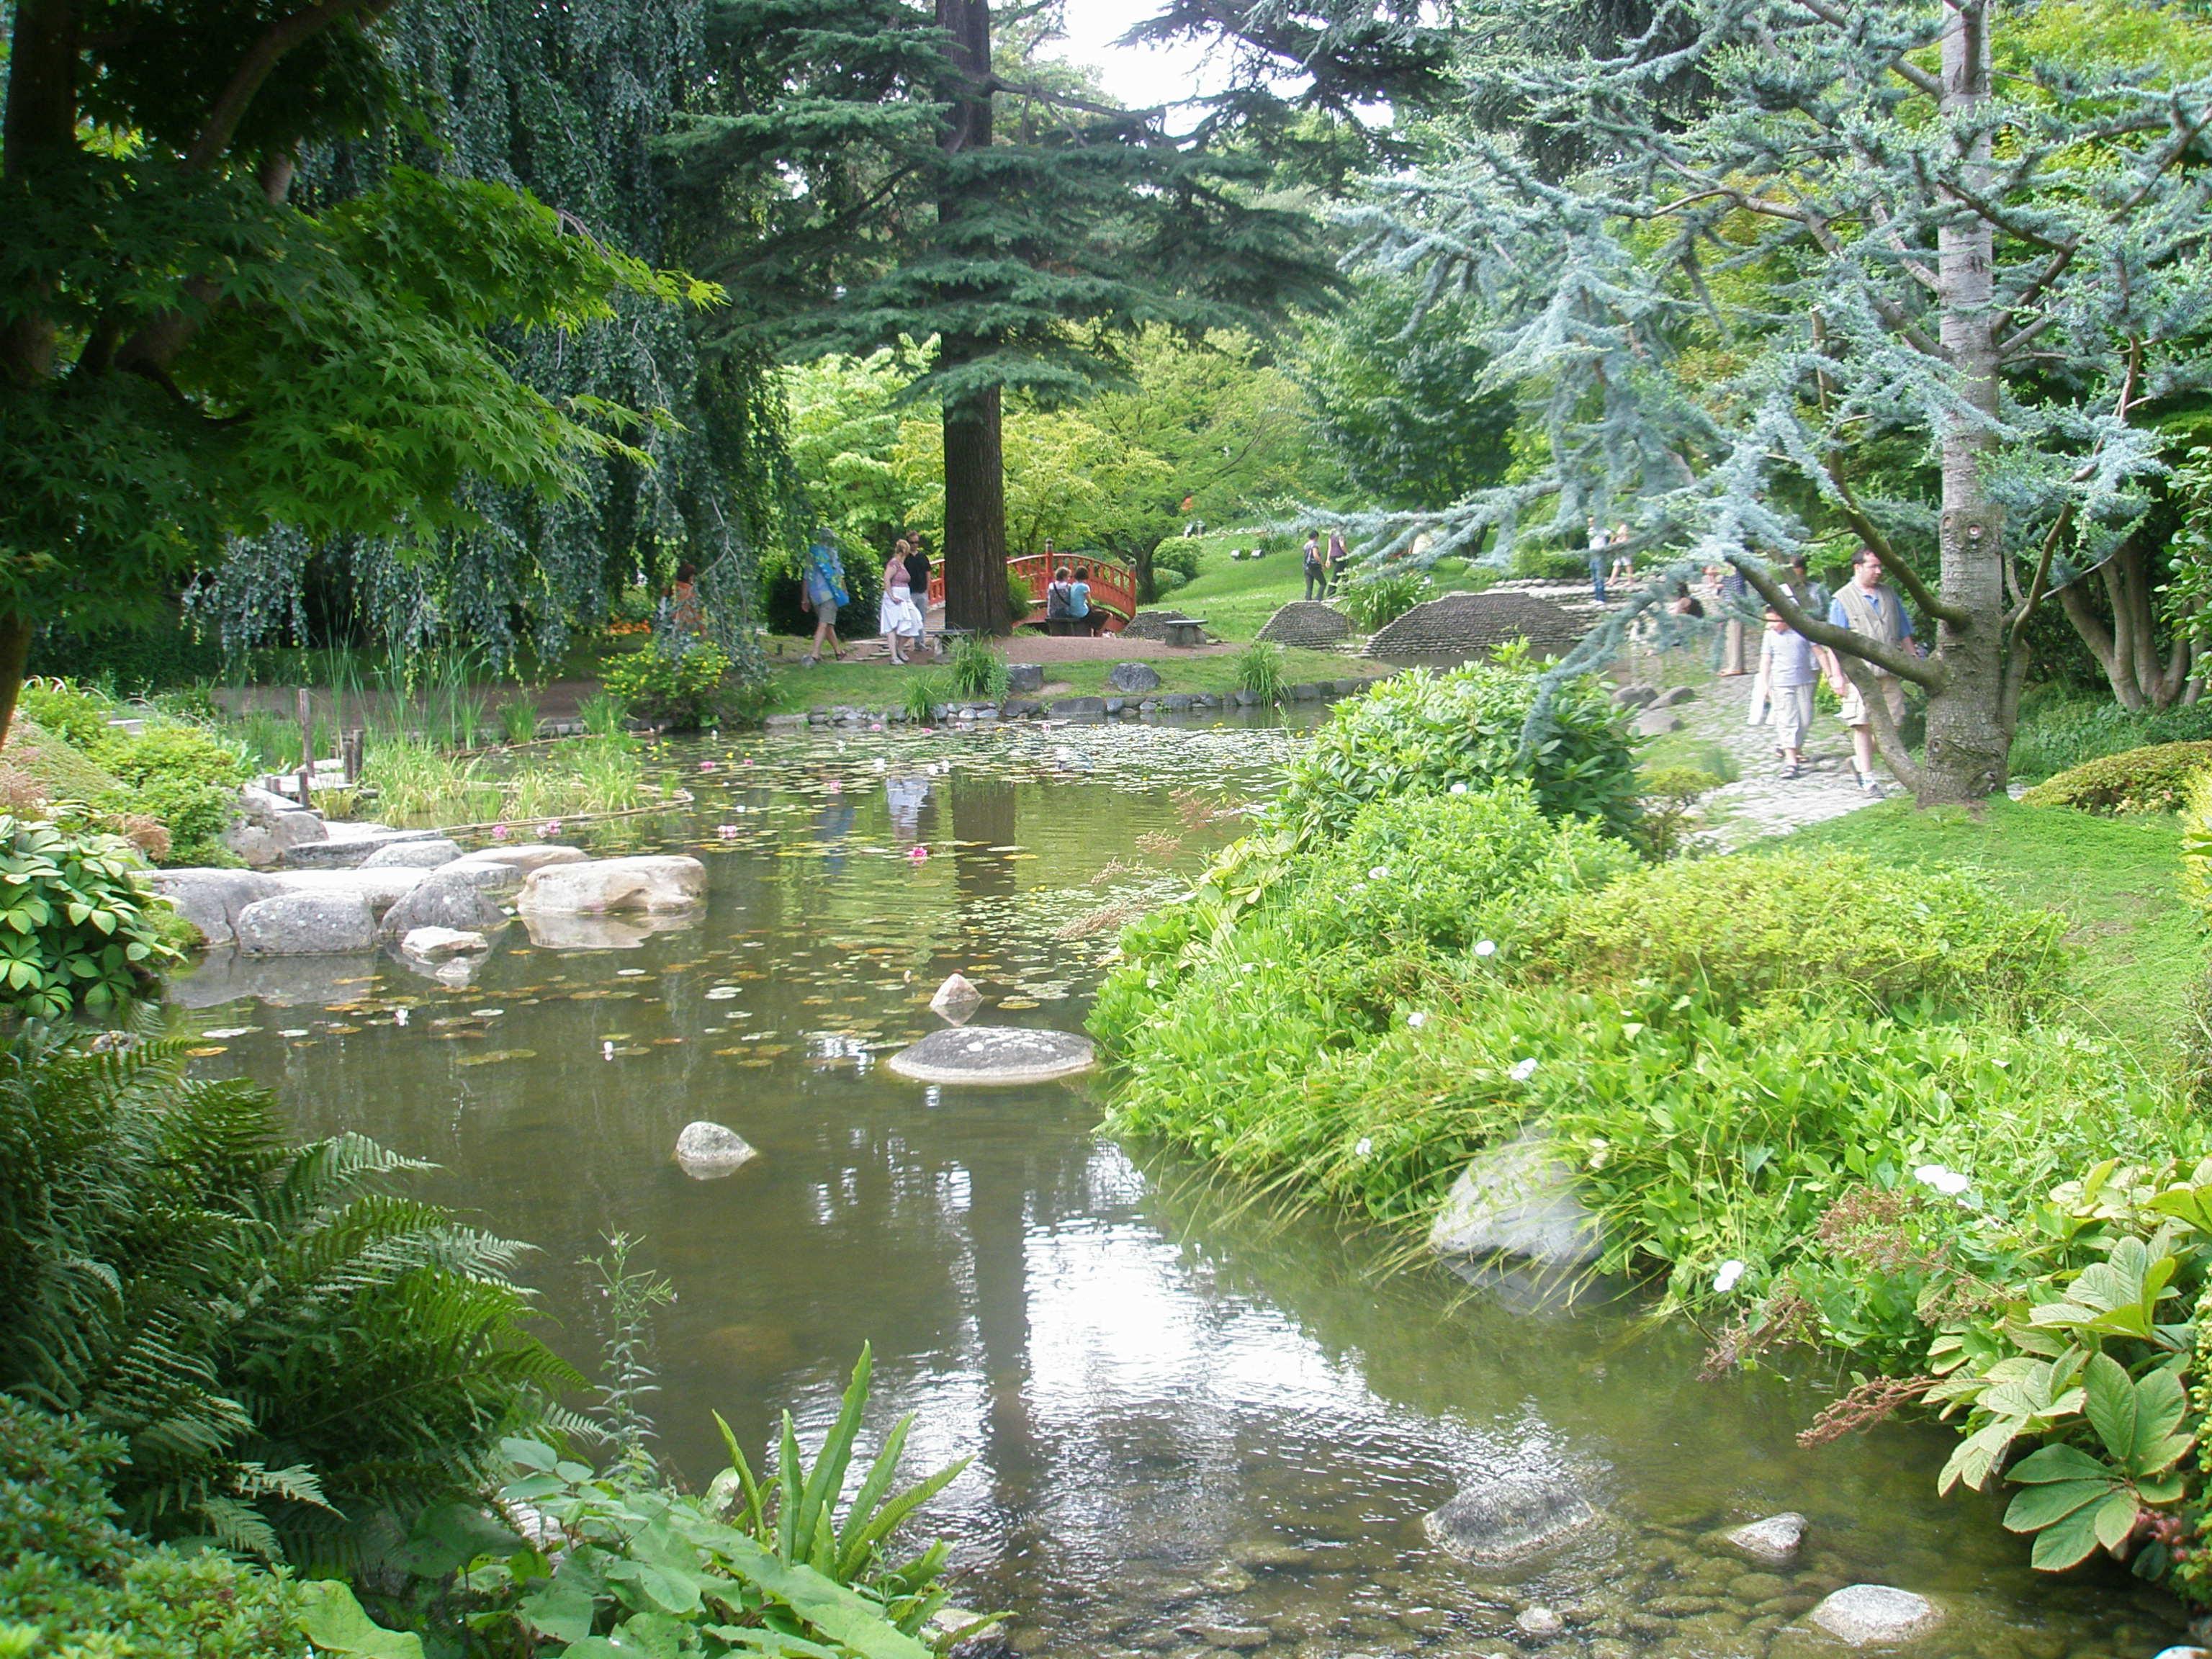 Le jardin japonais moderne 1¨re partie Expérience Japon